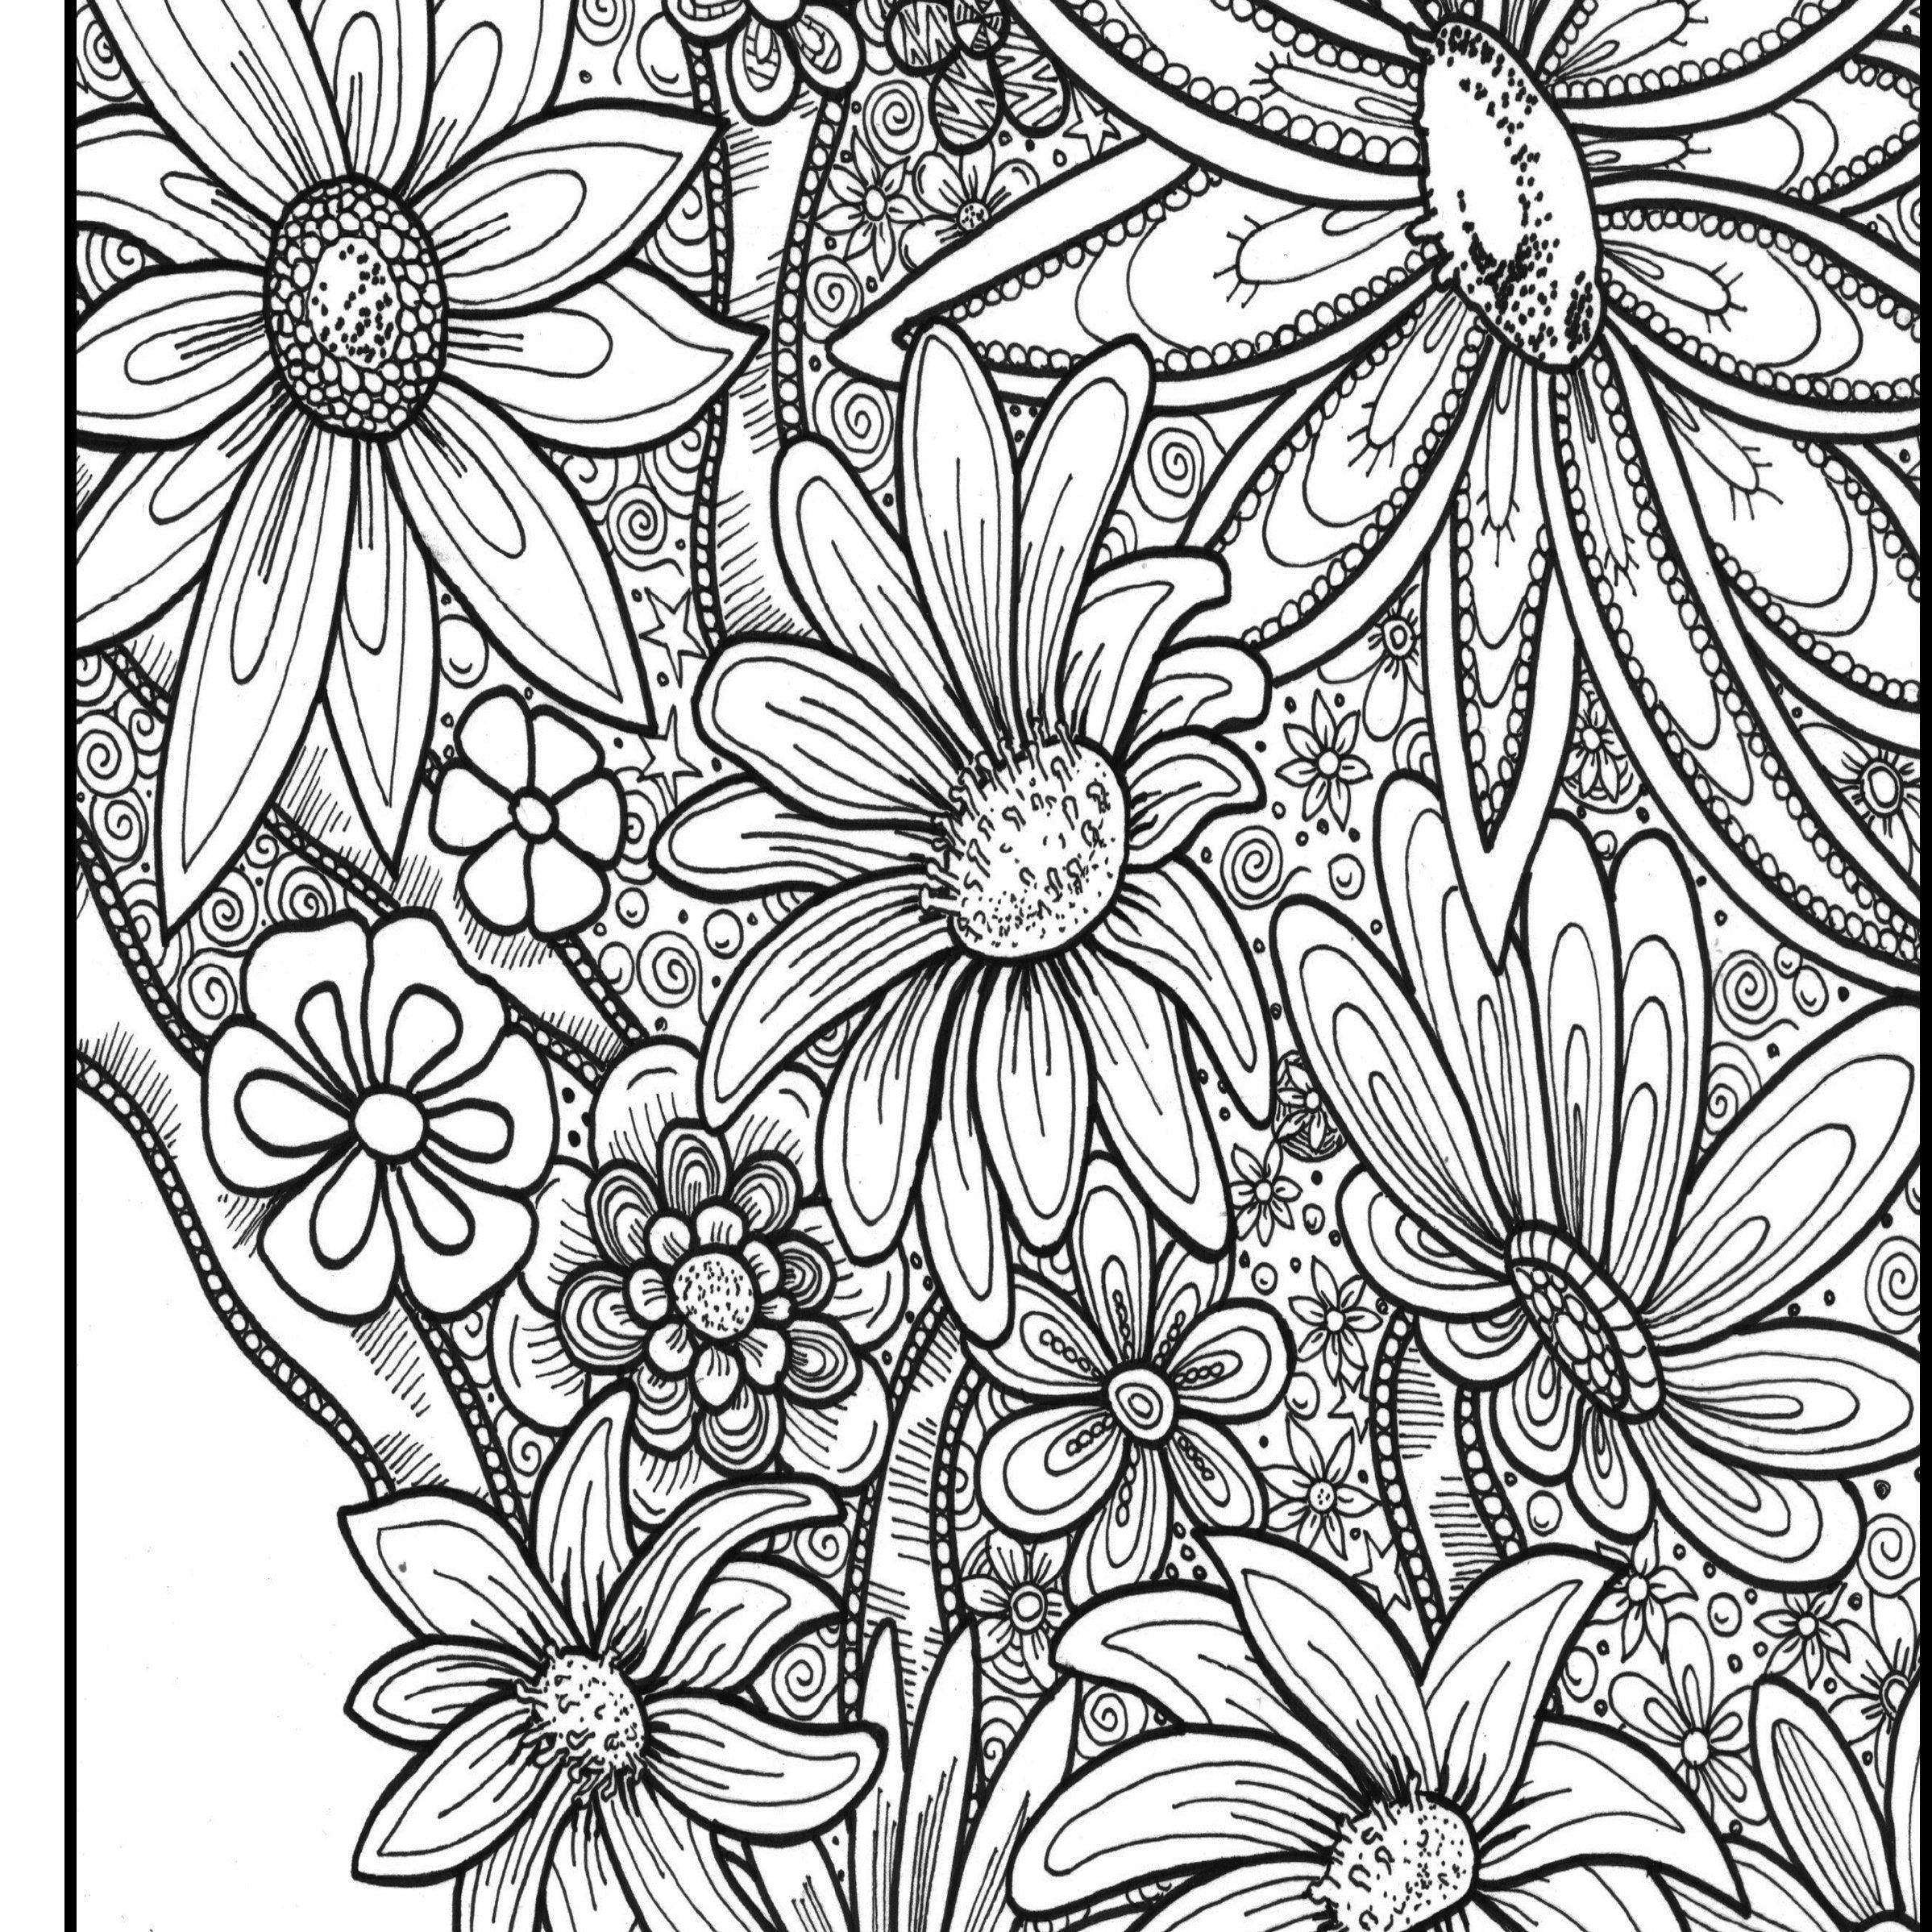 Ze zen inspiration coloring book - Ze Zen Inspiration Coloring Book 78